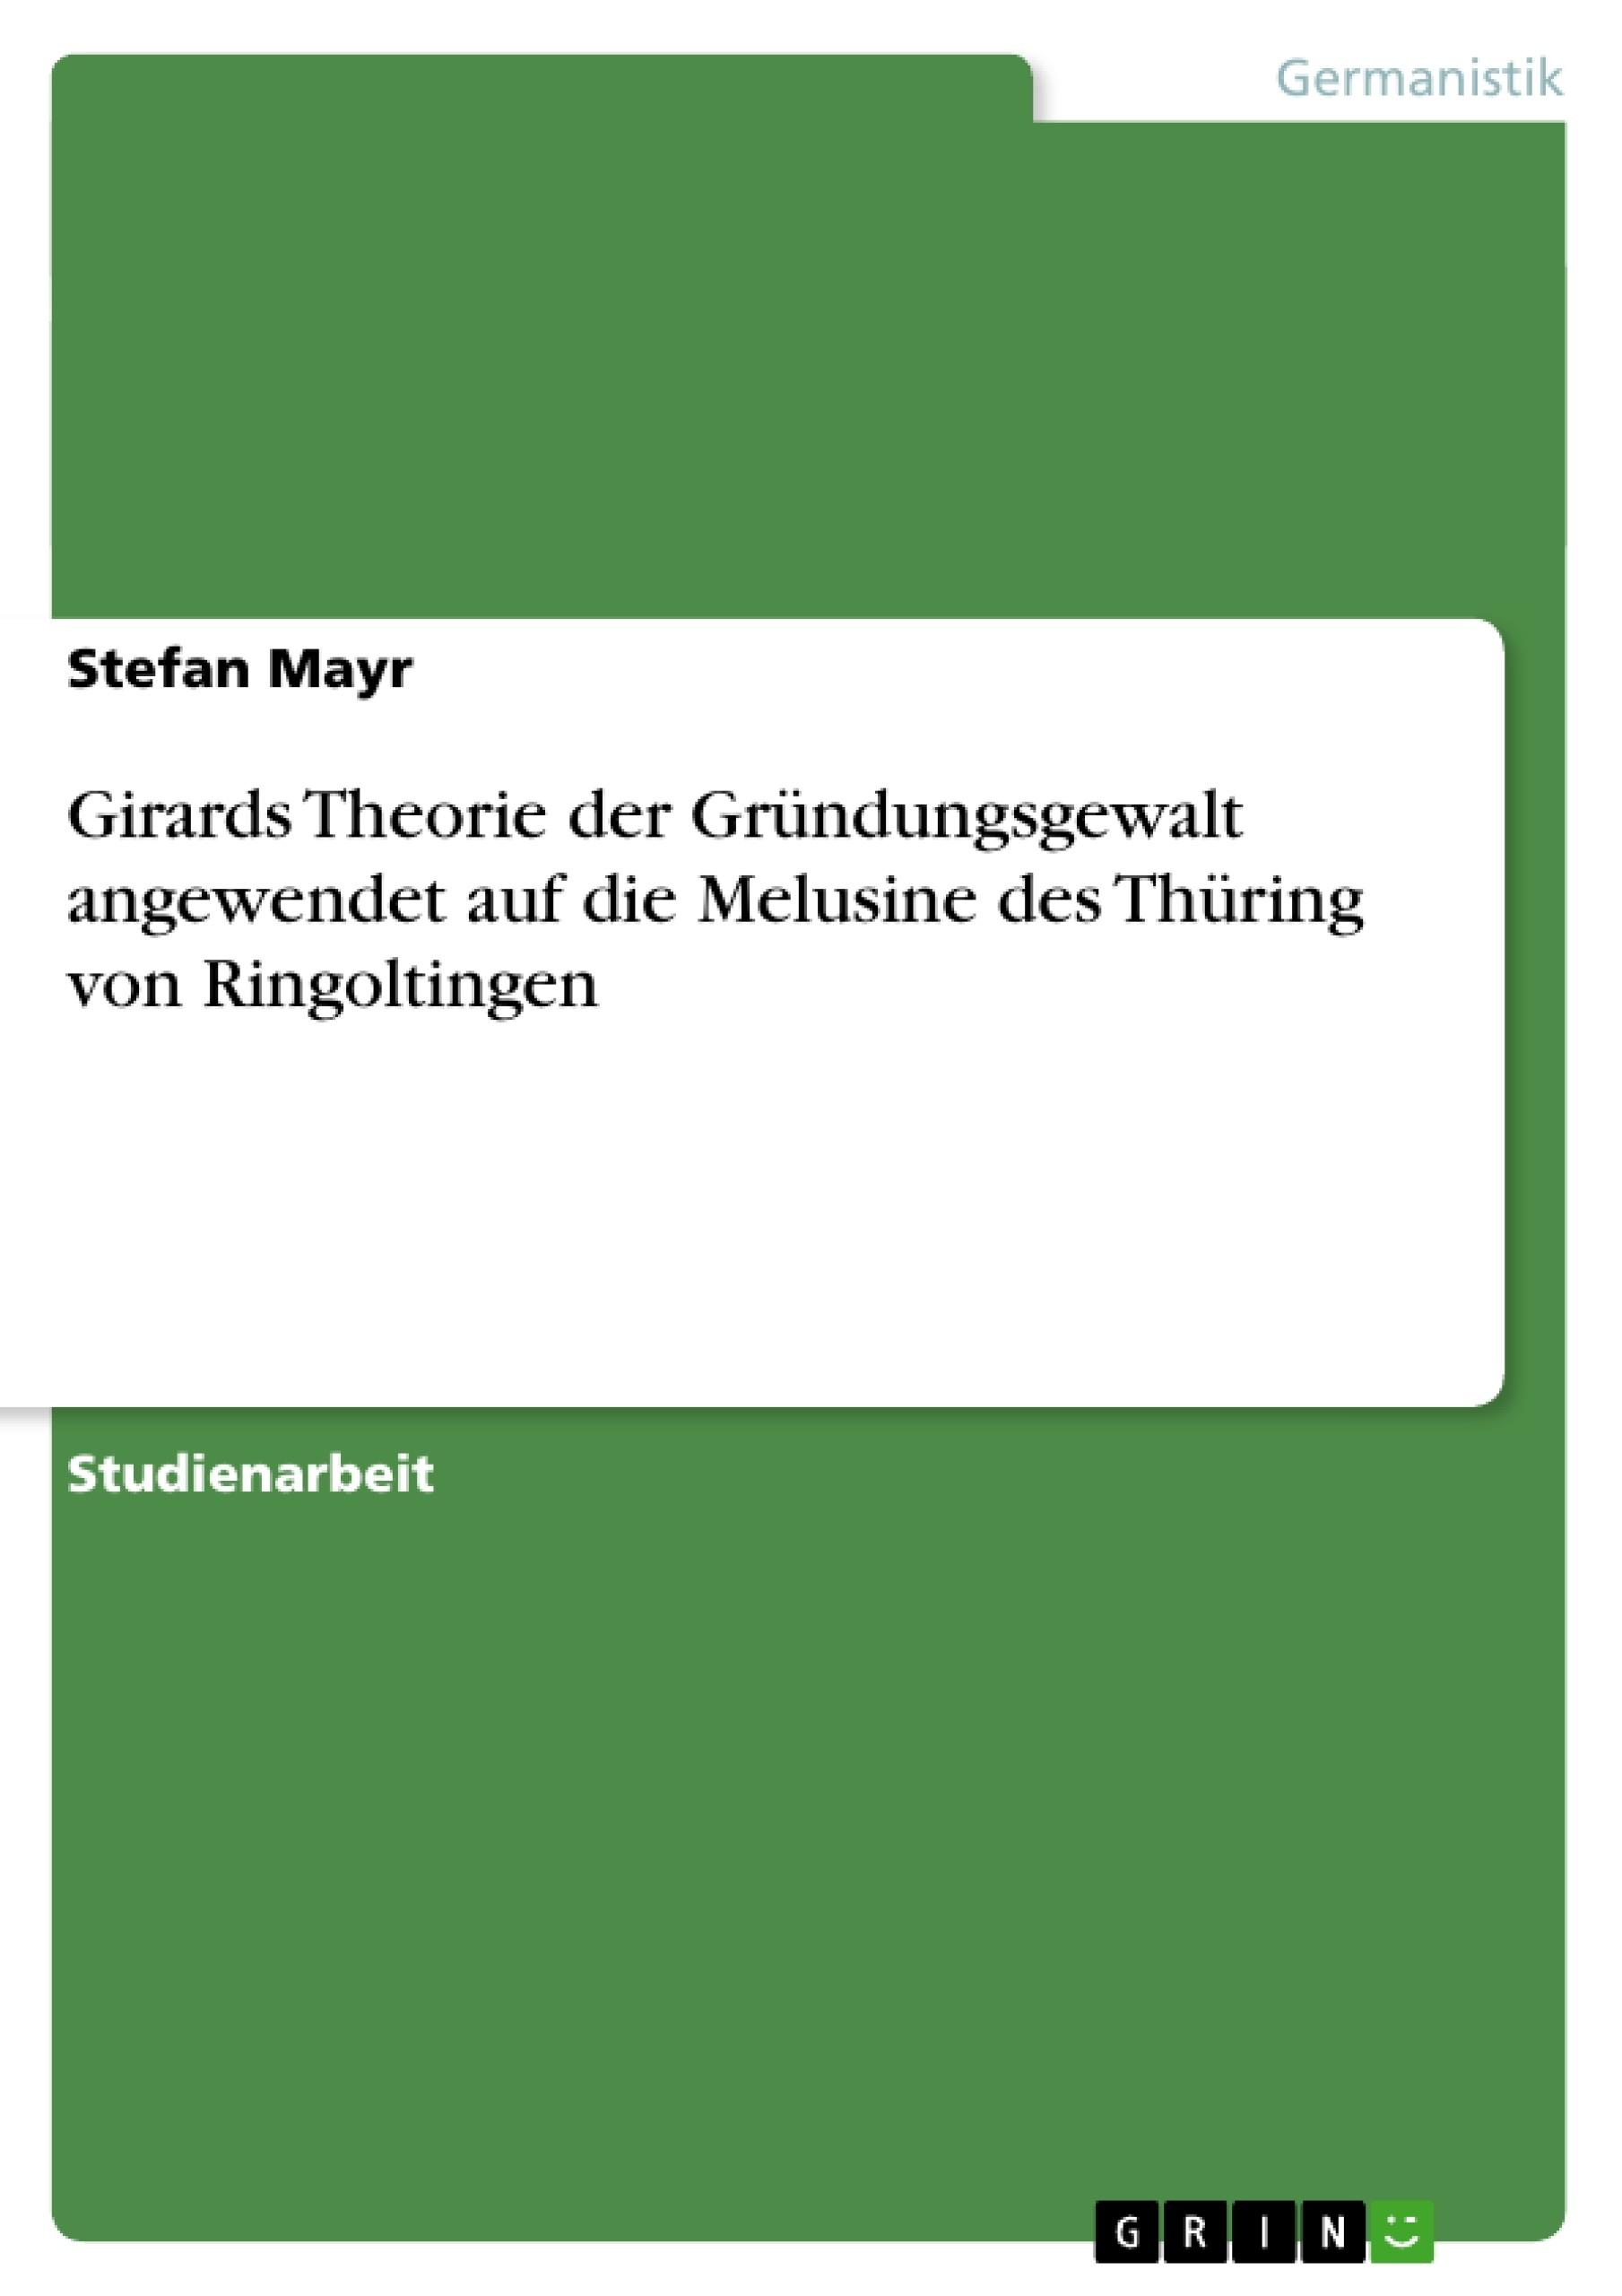 Titel: Girards Theorie der Gründungsgewalt angewendet auf die Melusine des Thüring von Ringoltingen